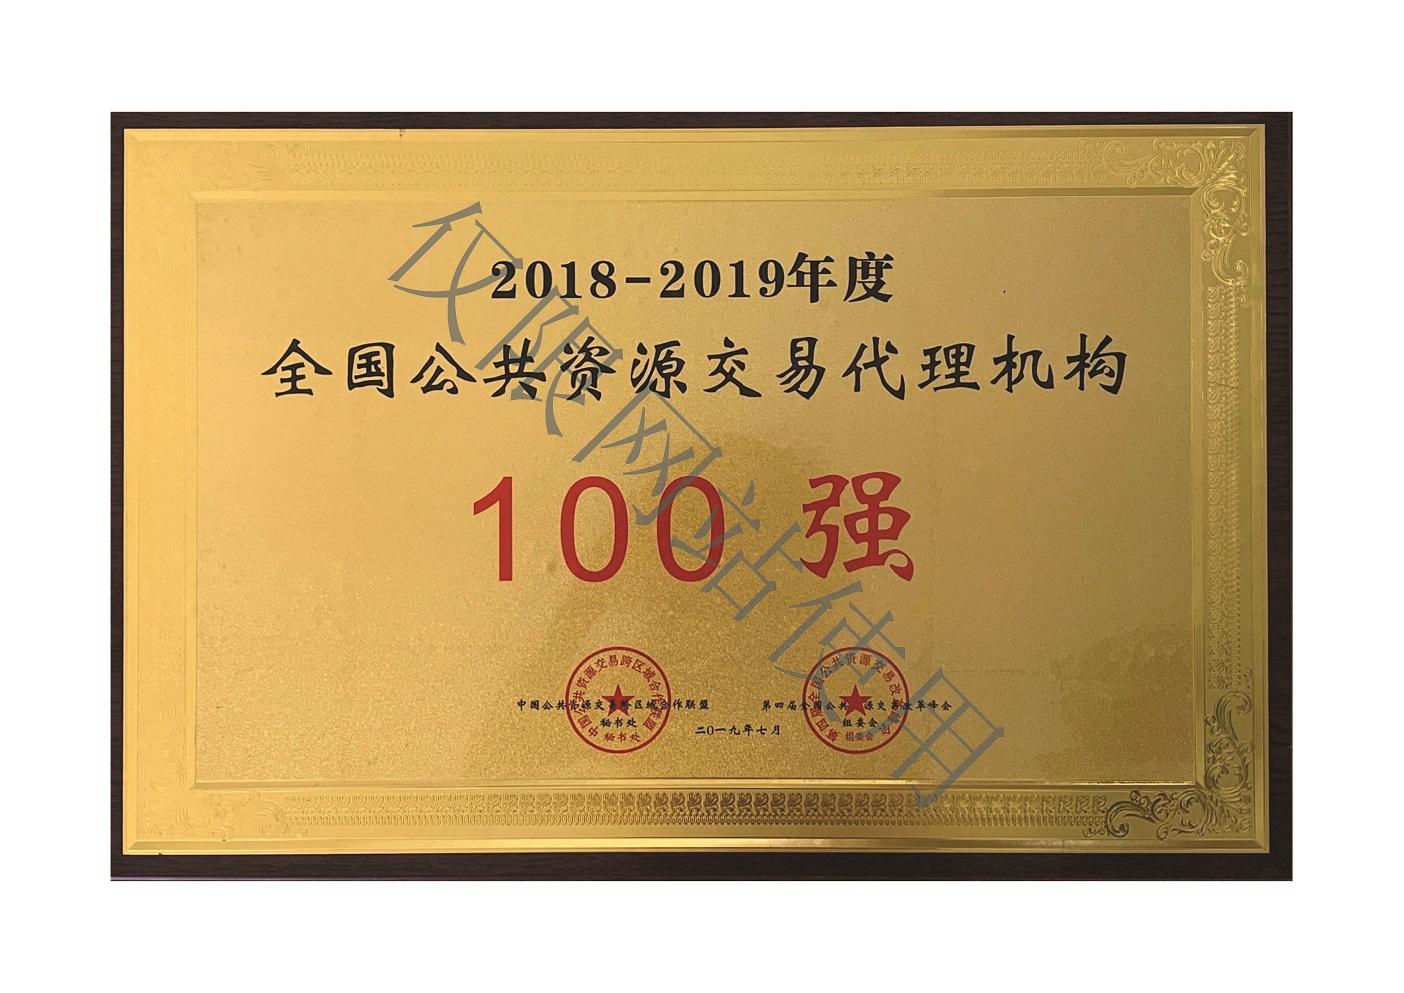 2018-2019年度交易中心100强正本